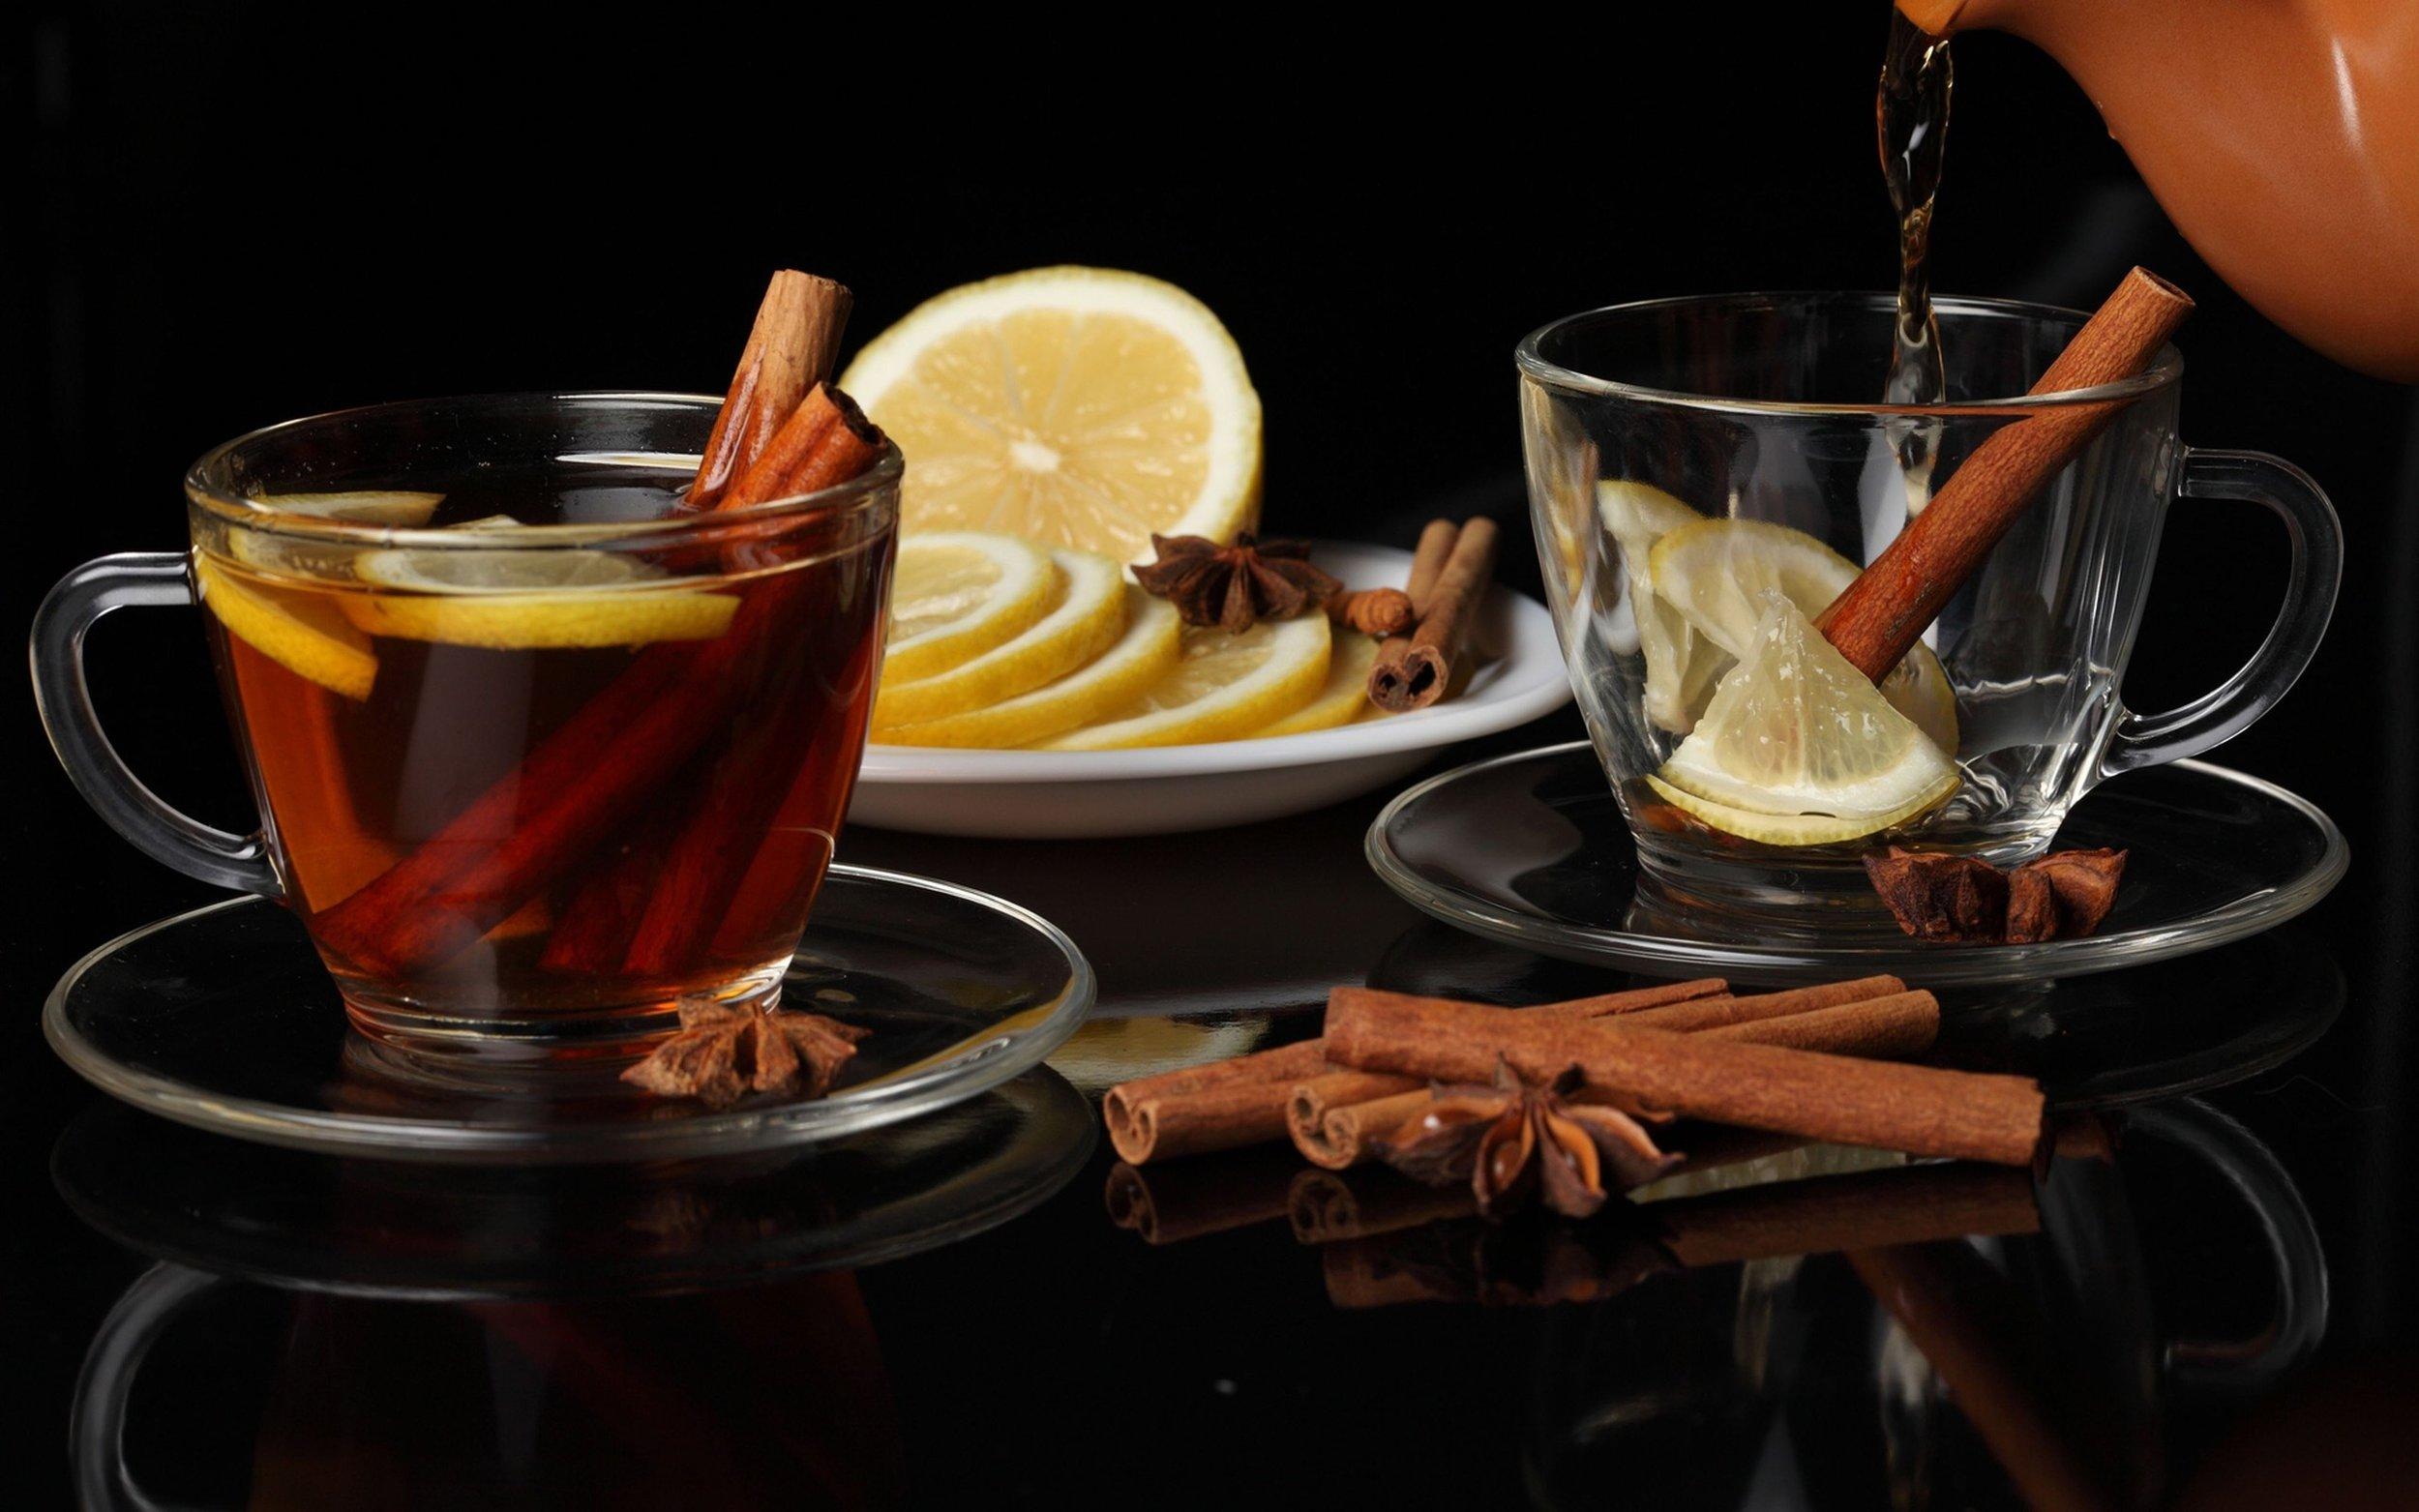 milk-and-honey-tea-lemon-440429.jpg